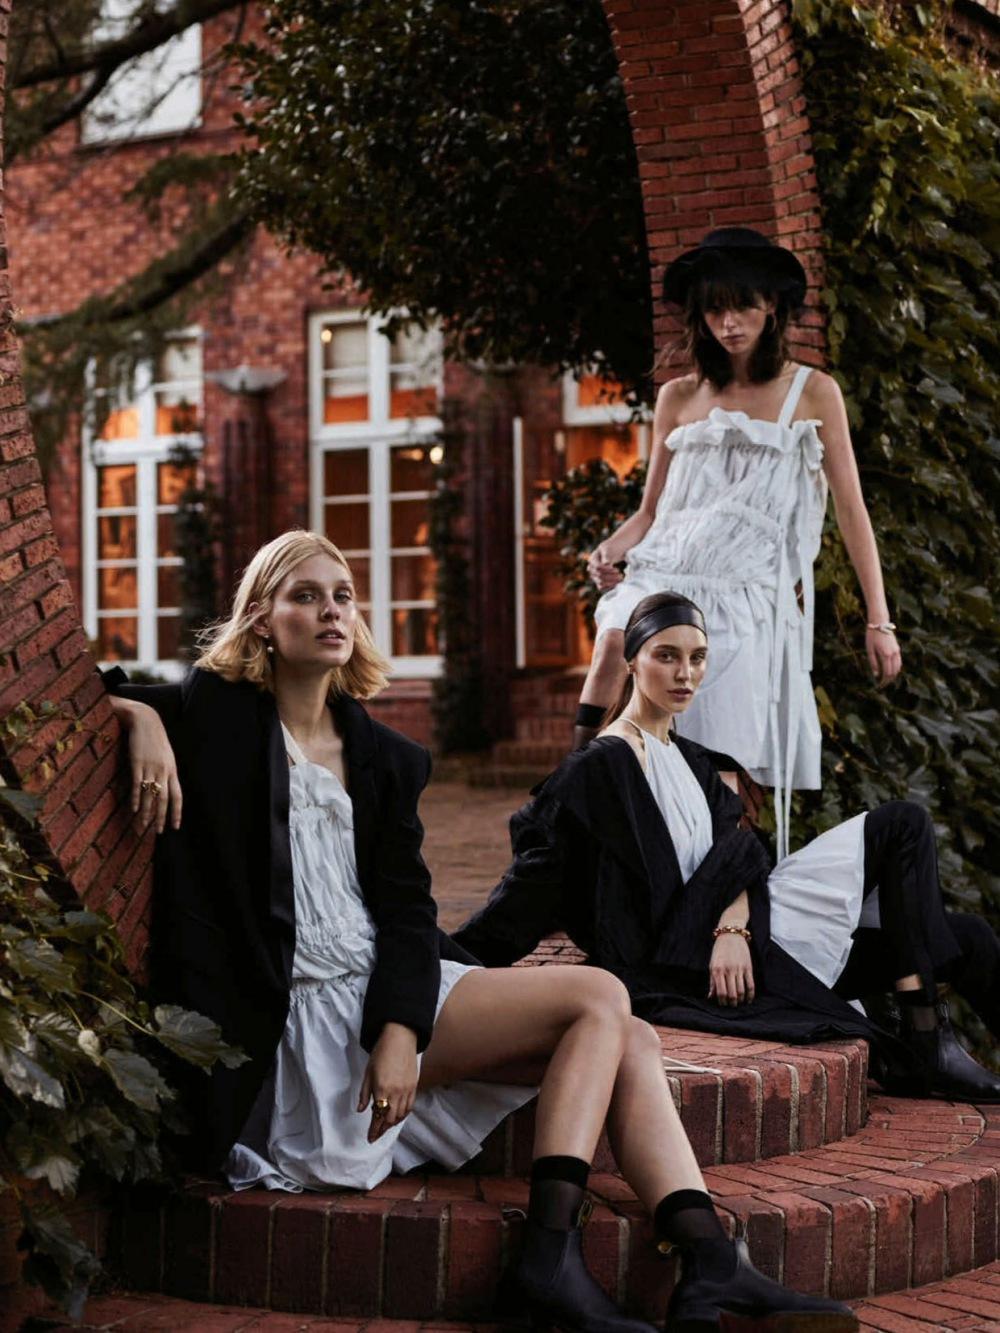 katie Braatvedt, Freya Sombroek, Emilia Senko By Jake Terrey For Harper's Bazaar Australia April 2016